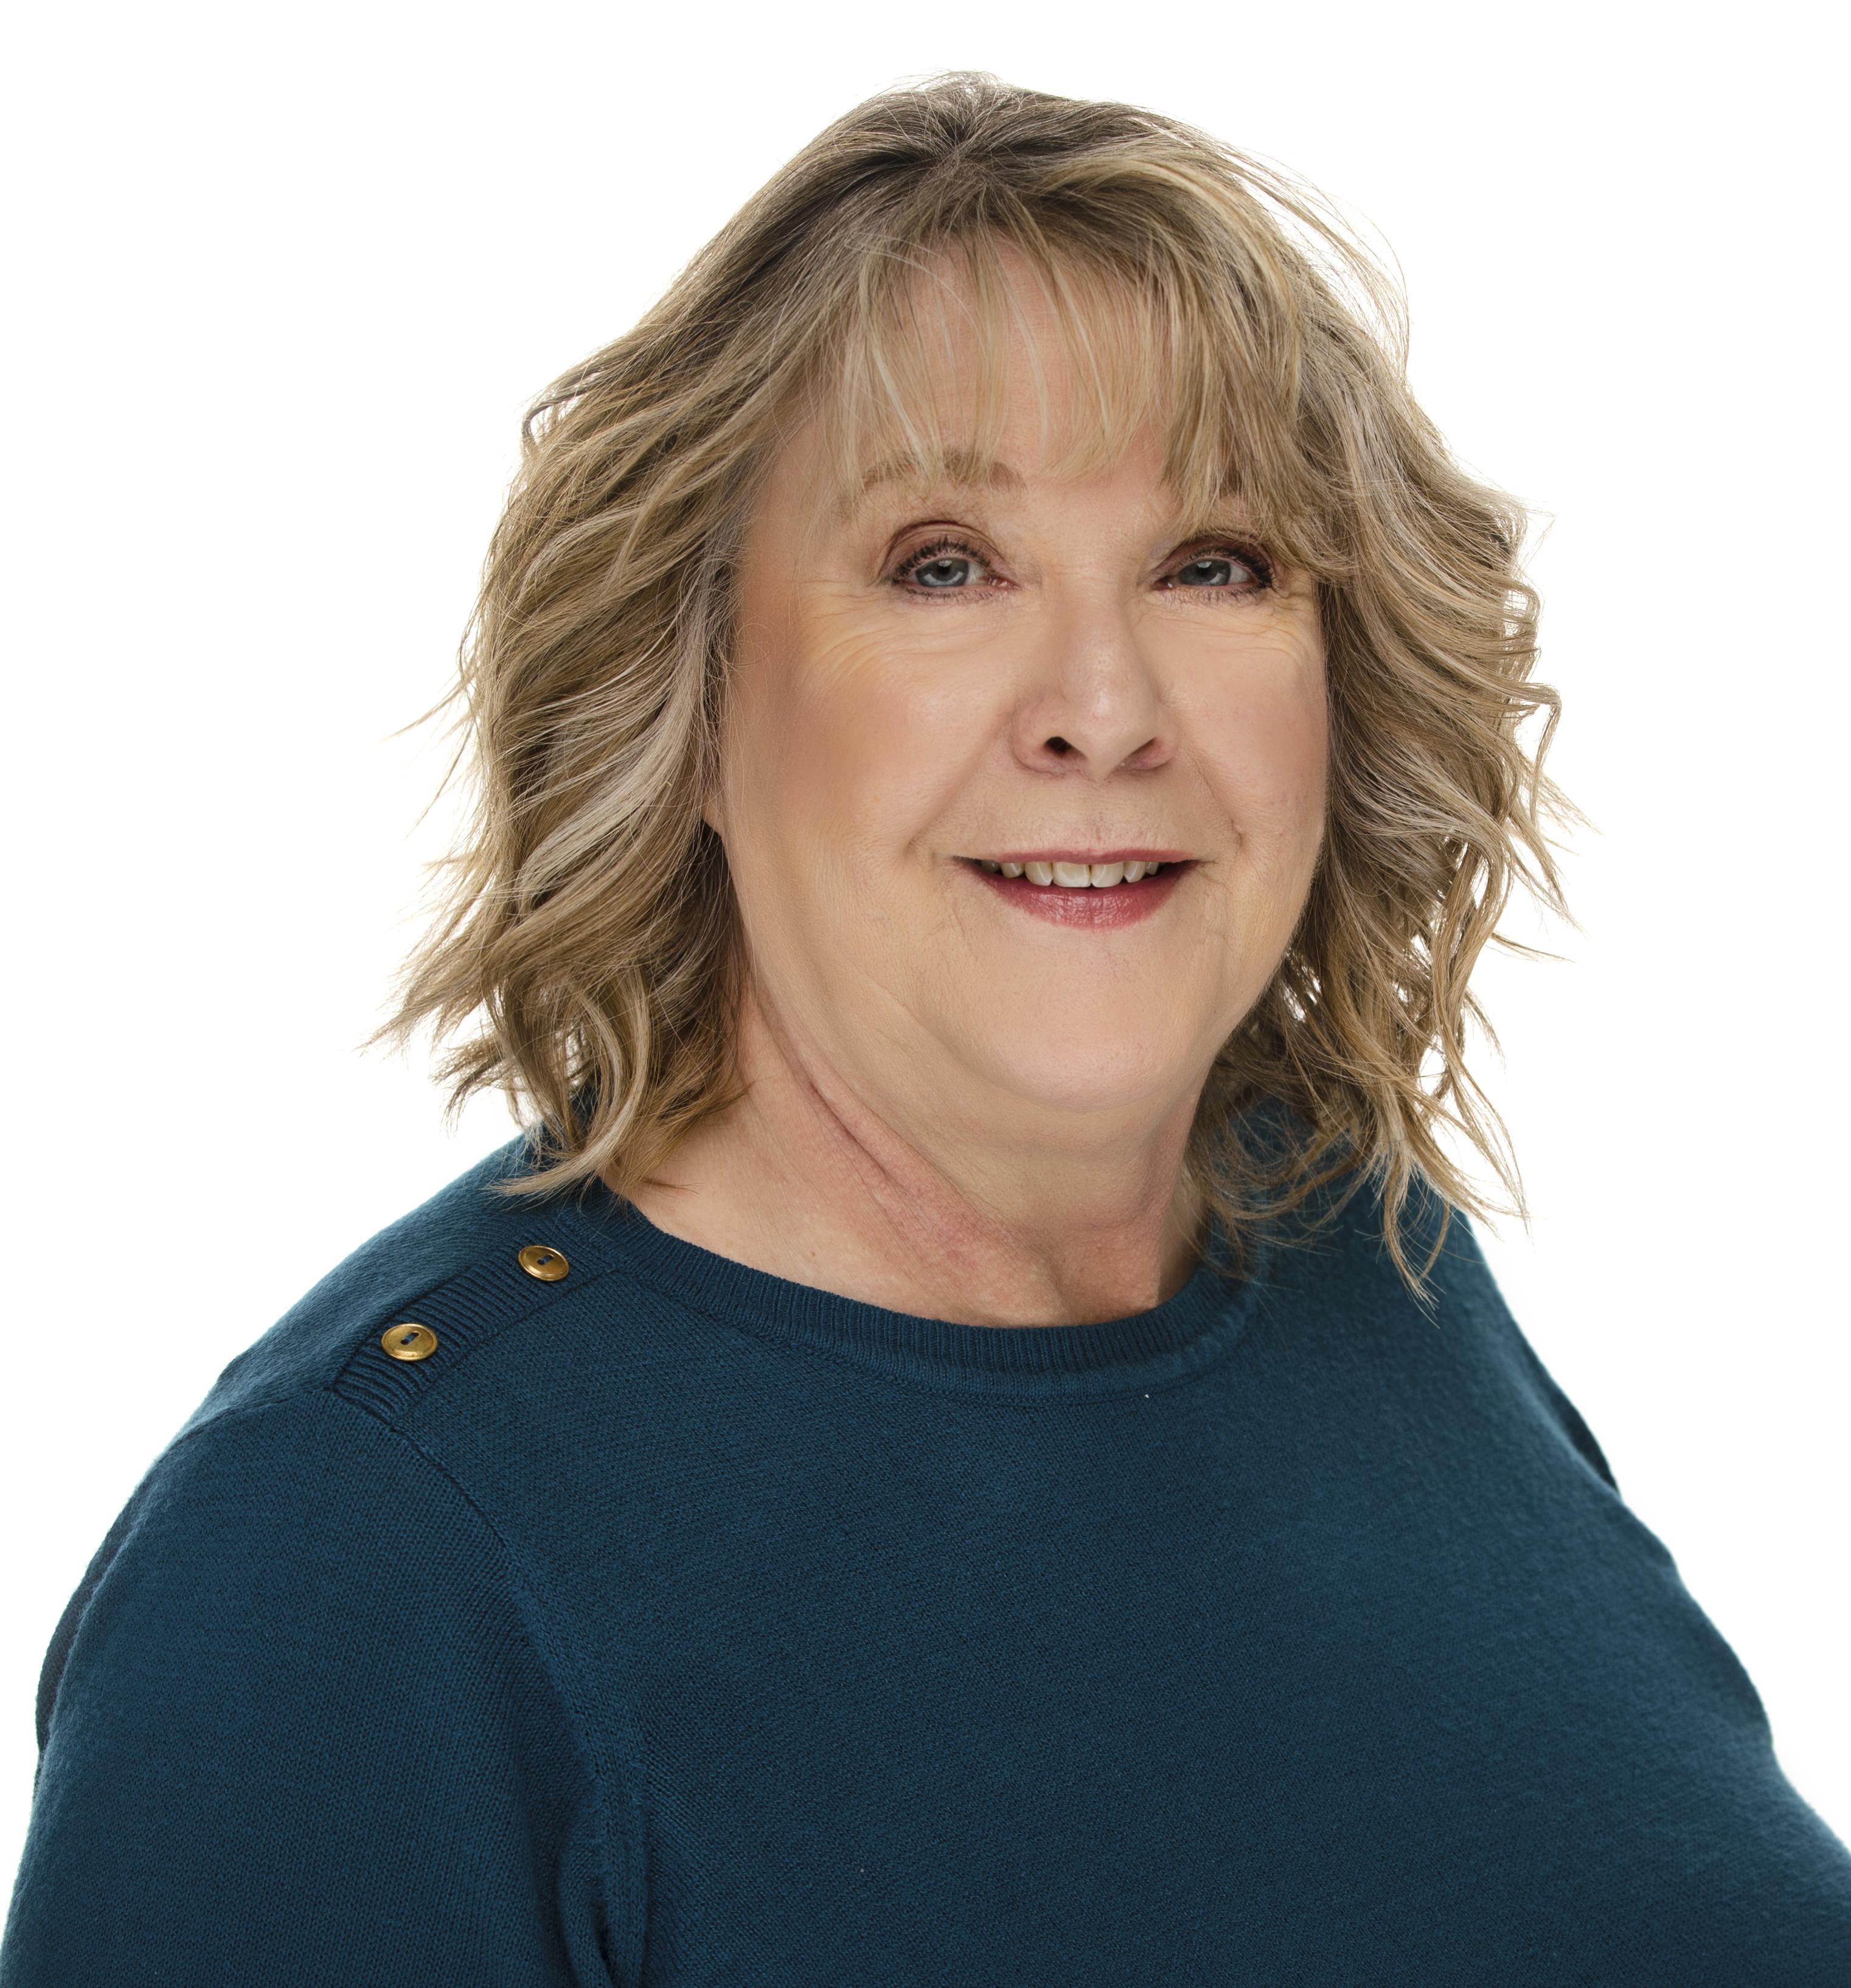 Janet Deschambeault